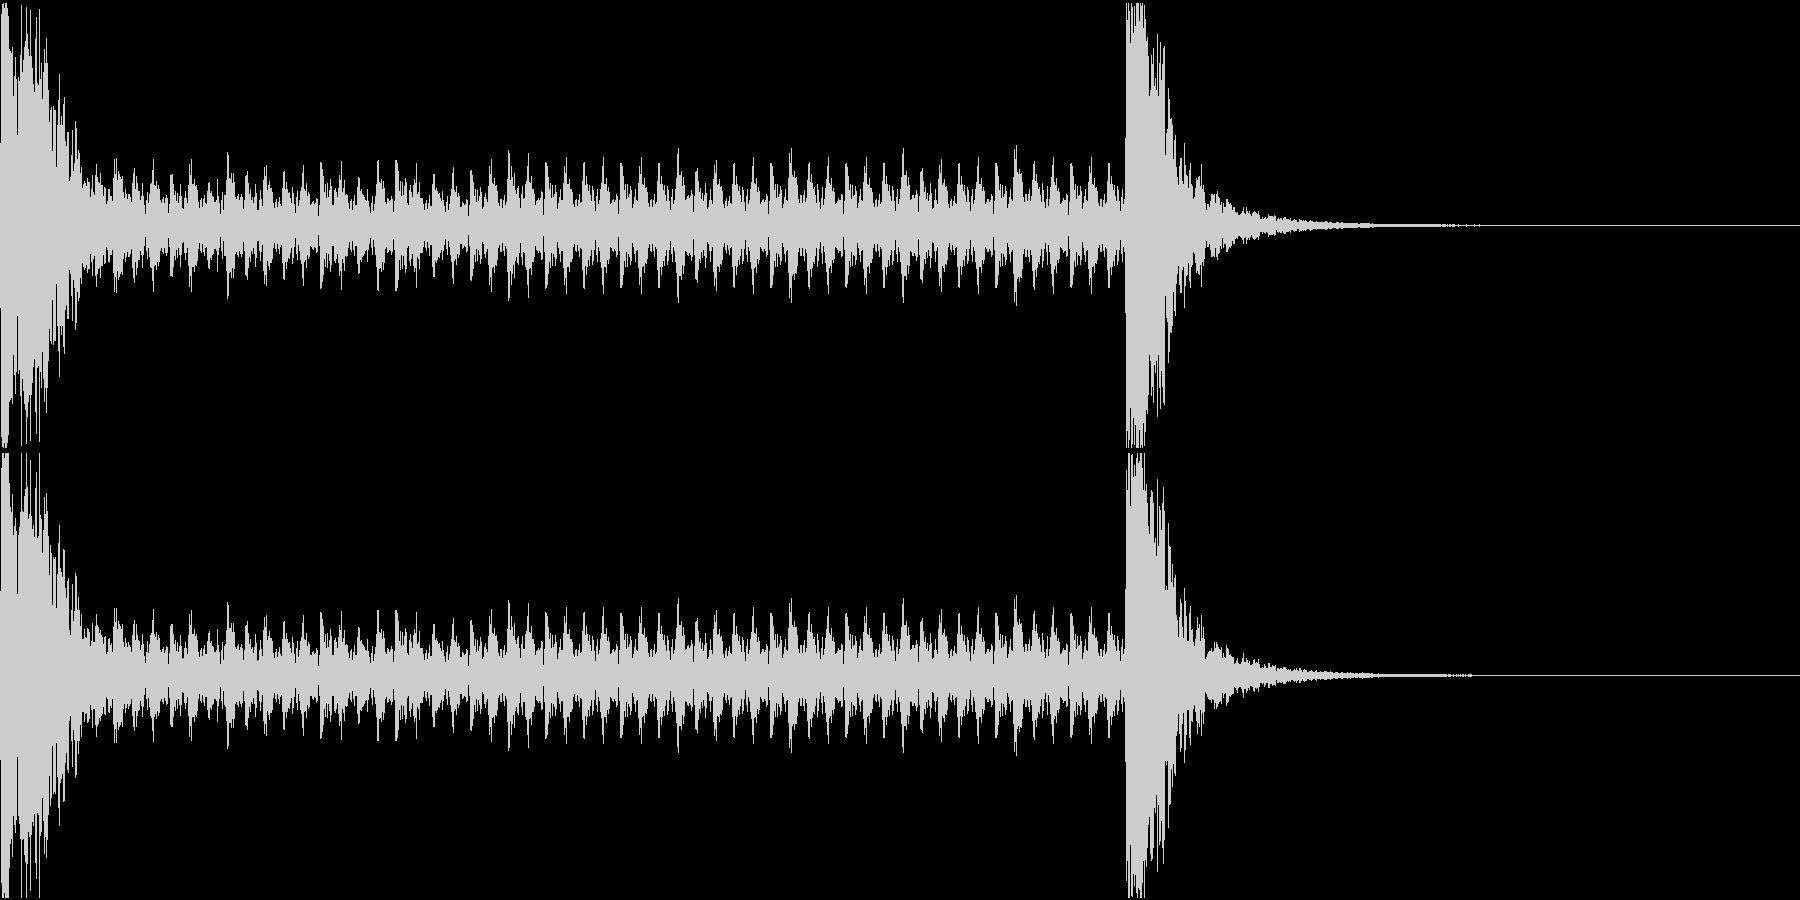 和風ドラムロール[和太鼓、鼓]10秒_2の未再生の波形